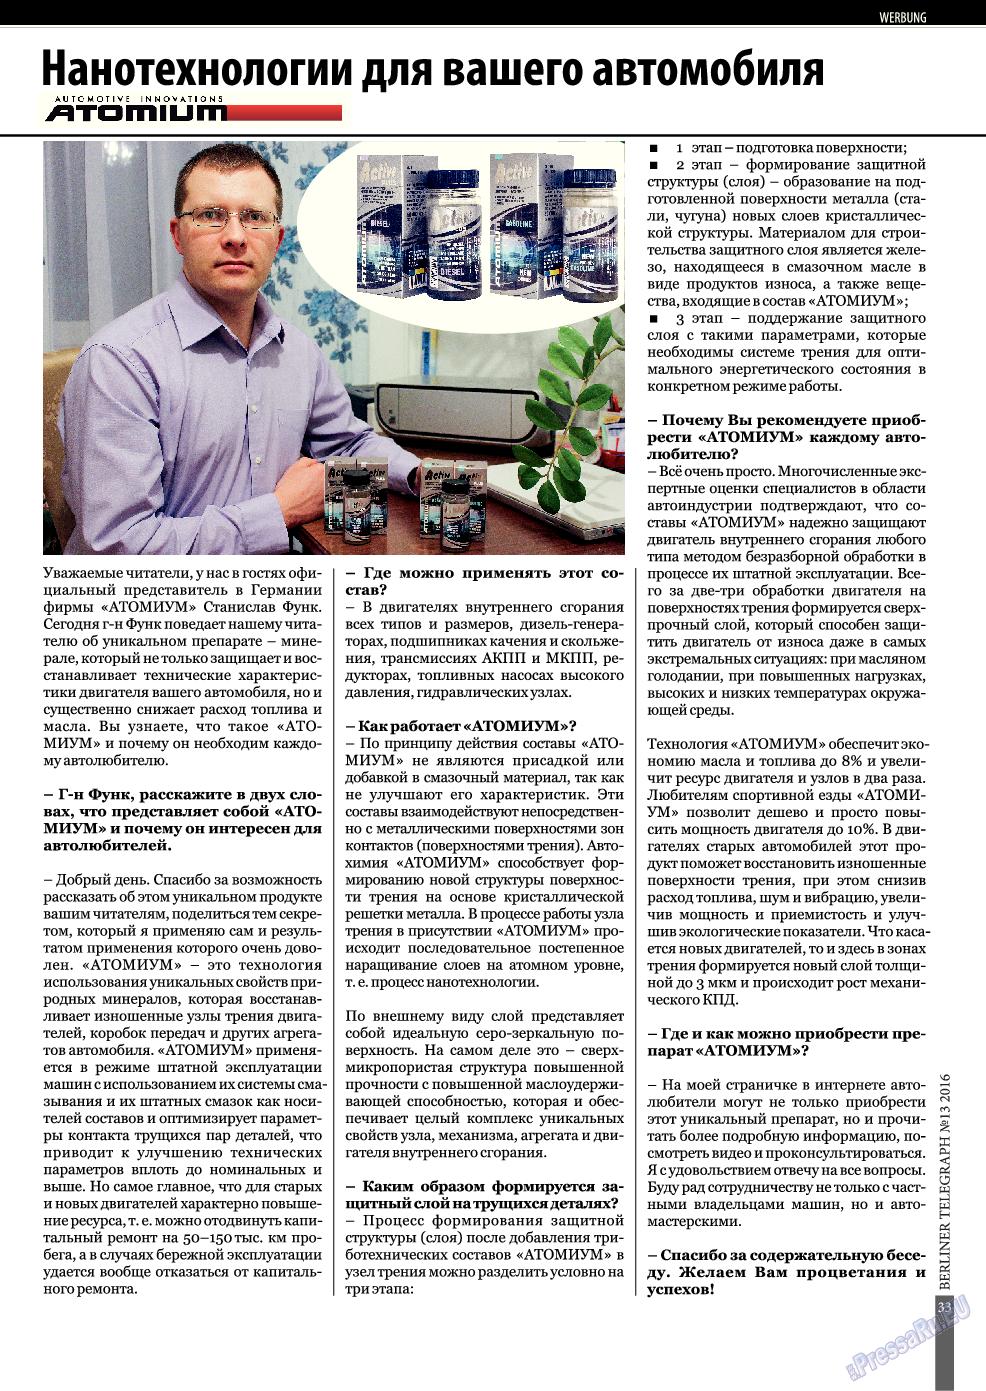 Берлинский телеграф (журнал). 2016 год, номер 13, стр. 33